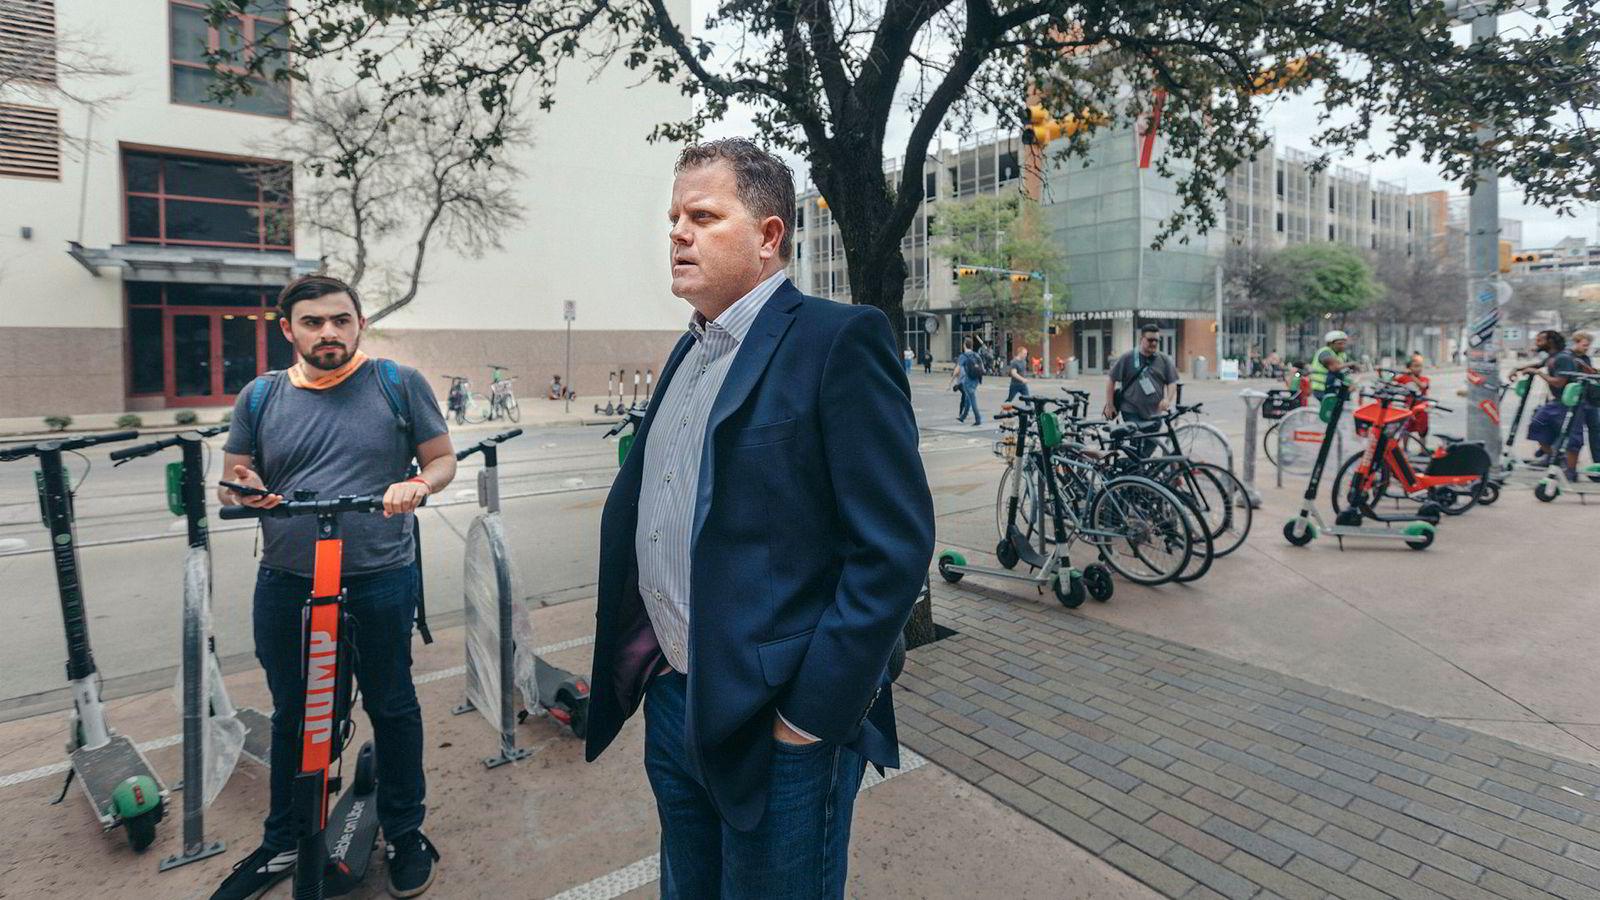 Greg Anderson er teknologigründer og står bak kryptovalutaen Cerescoin som kan endre handelen med cannabis i USA. Selskapet har søkt om tilsyn av finansmyndighetene og under South By Southwest i Austin i Texas presenteres planene.